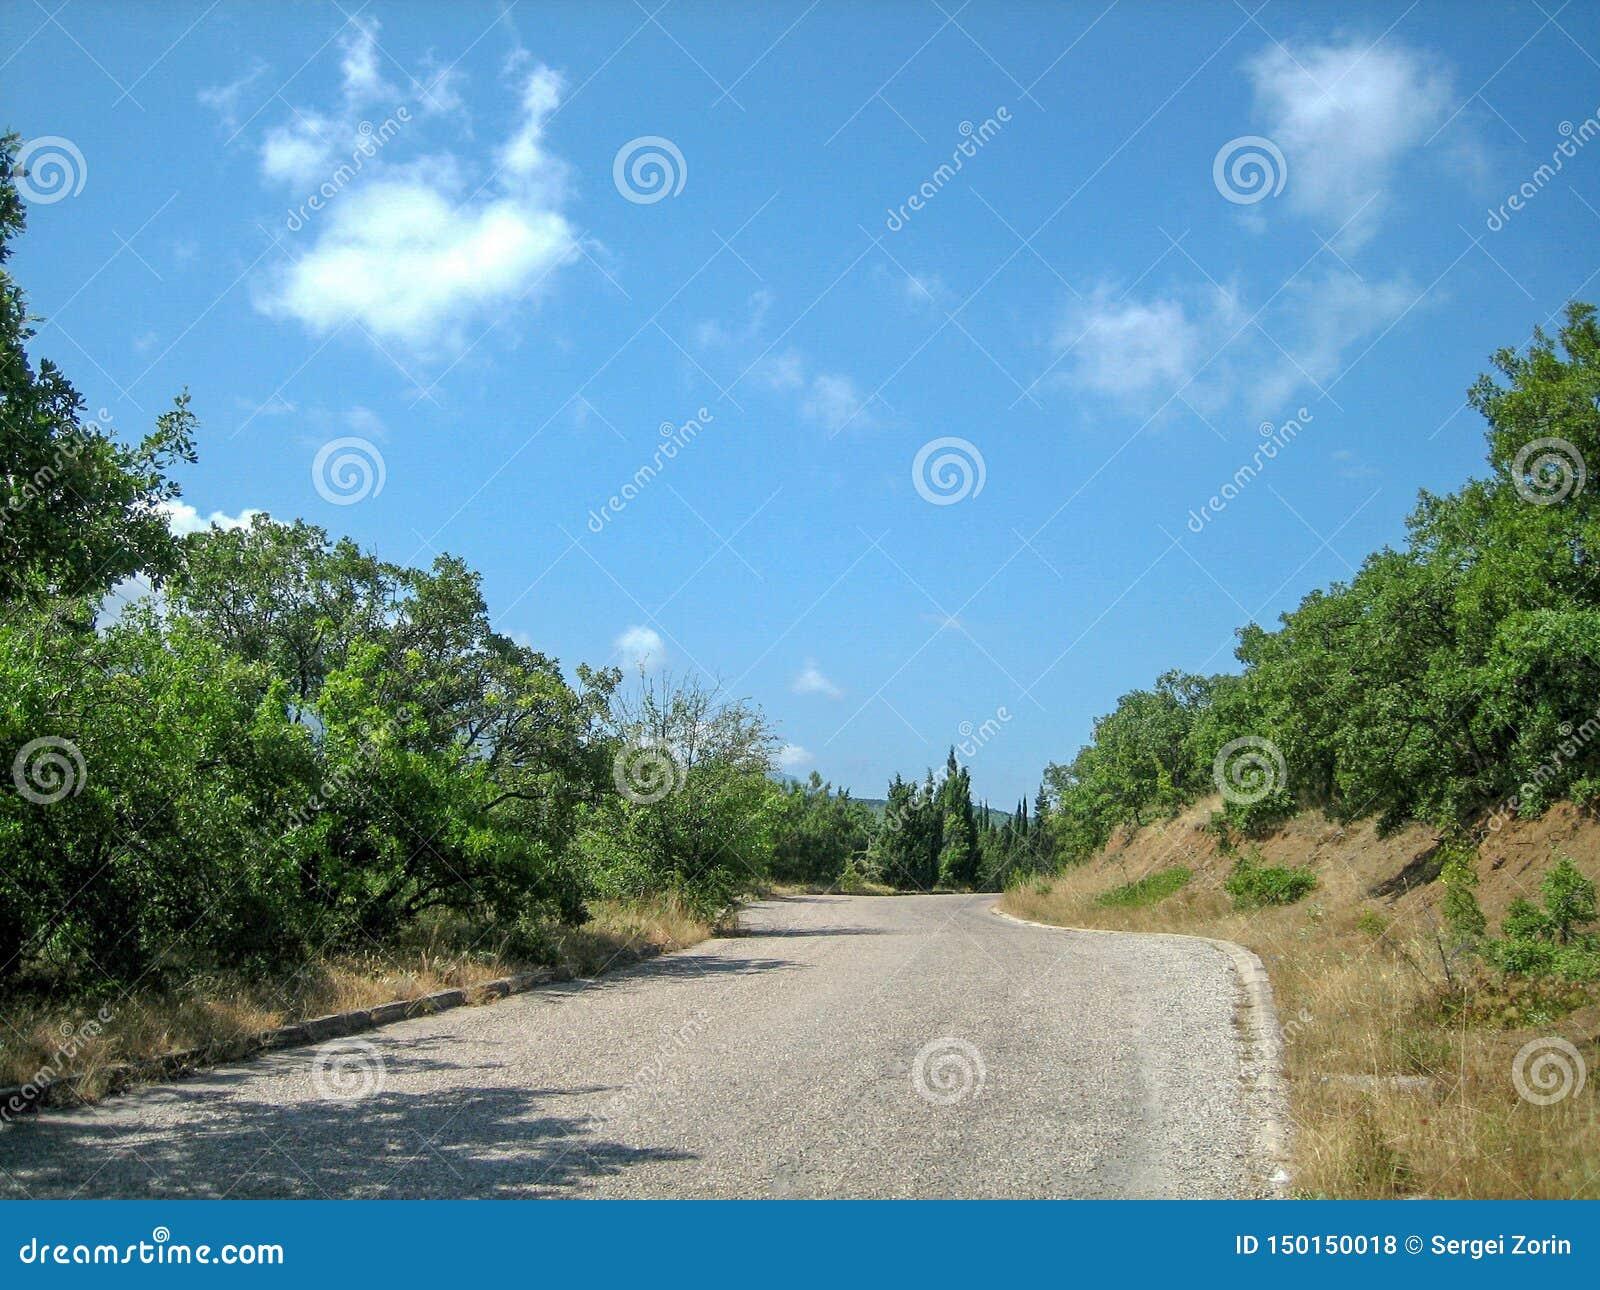 一条狭窄的柏油路在通过常青树和太阳被烧焦的草的一热的好日子